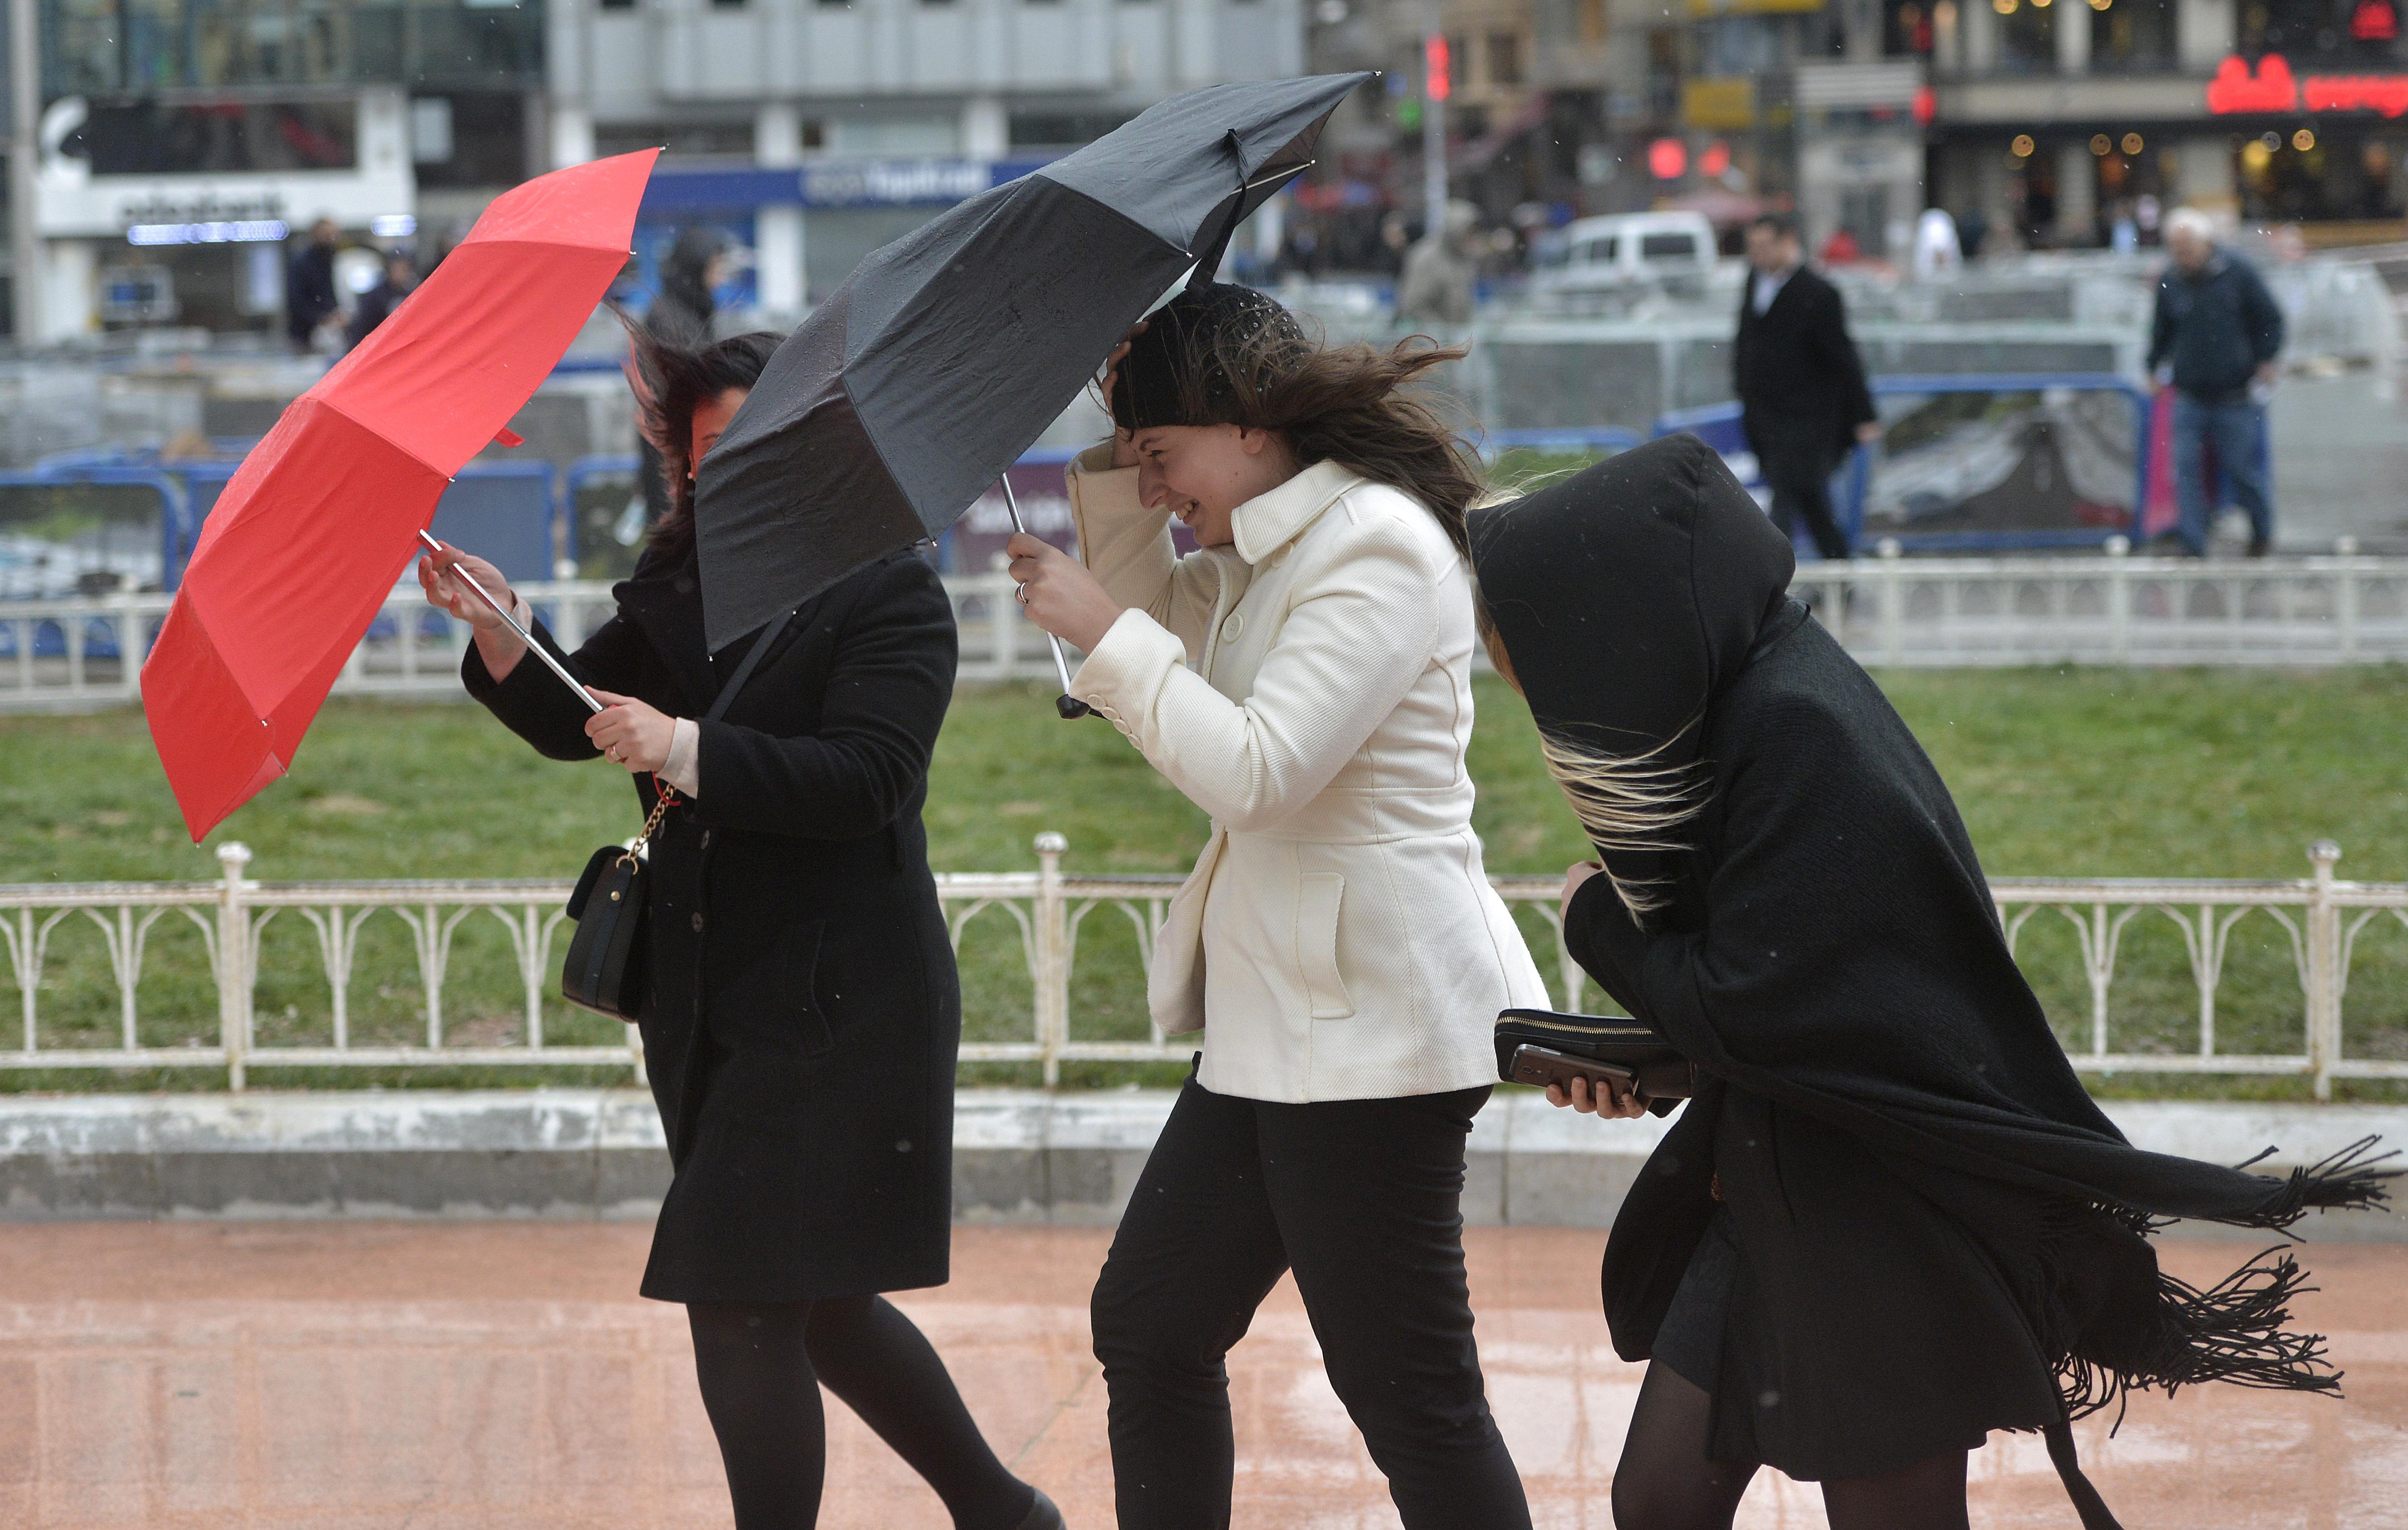 Alertă ANM! Cod galben de vreme rea și rafale de vânt în jumătate de țară. Până când este valabilă avertizarea